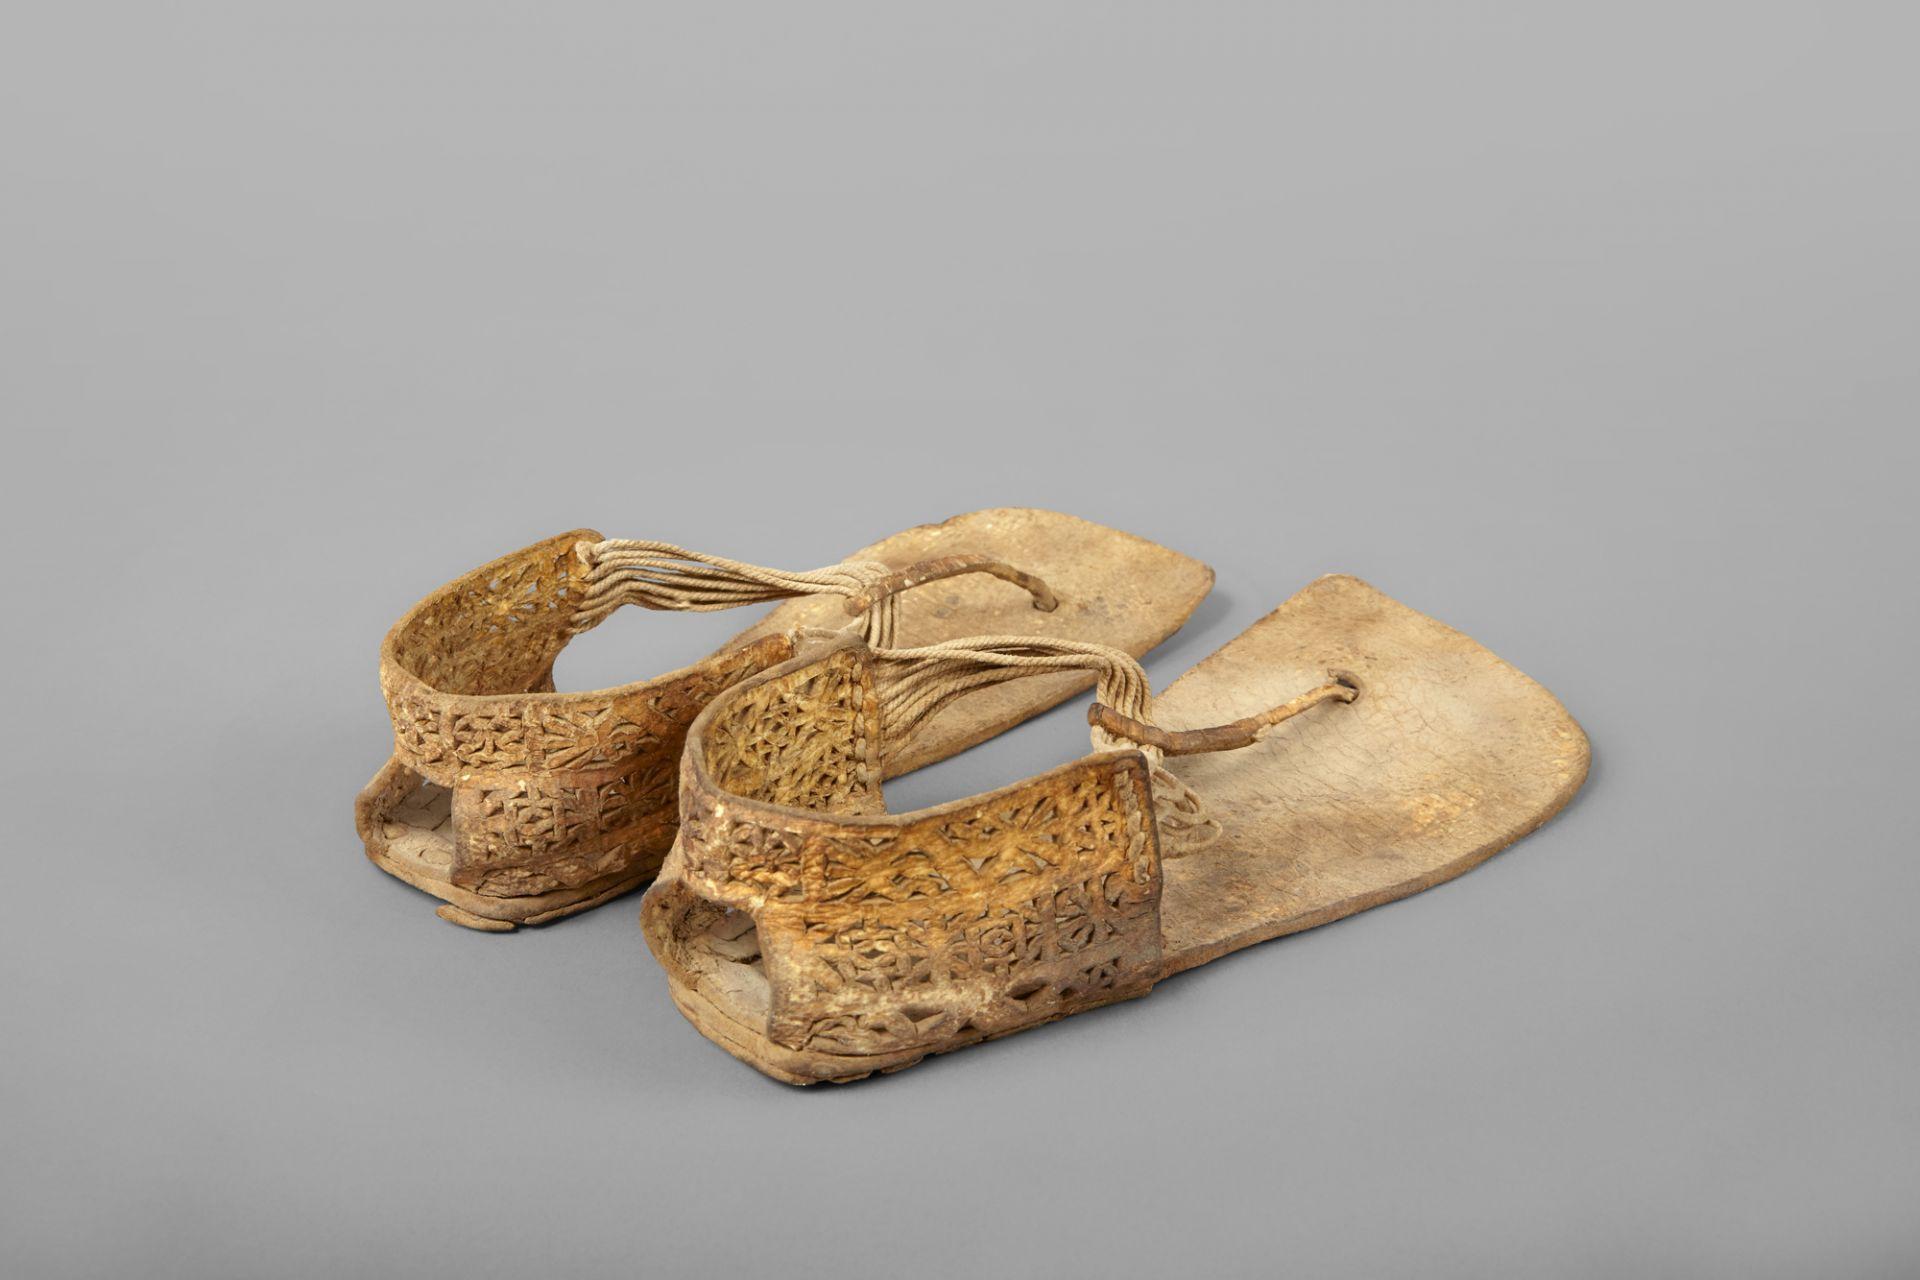 Zehenstegsandalen mit T-Bindung, Peru, 300−200 v. Chr.